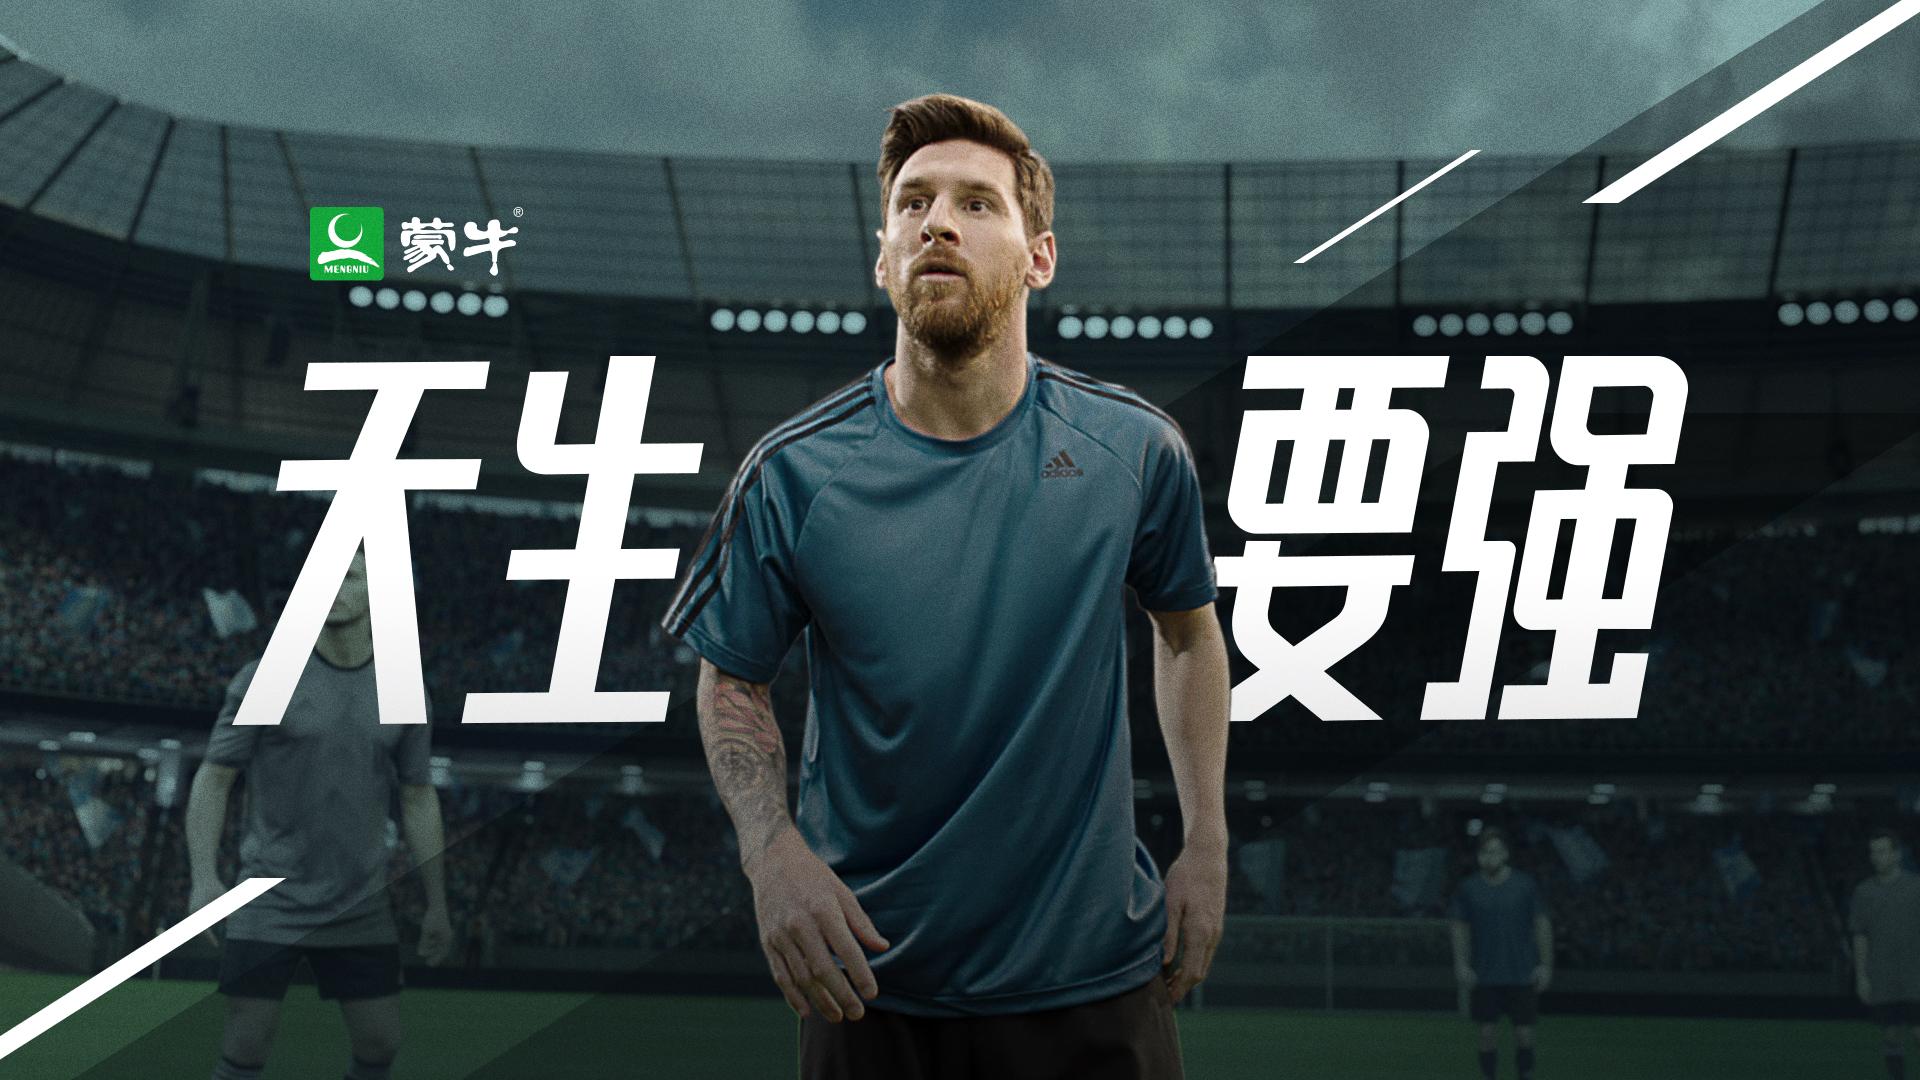 2019_cn_2019_e192-pm-159036662_hero_1